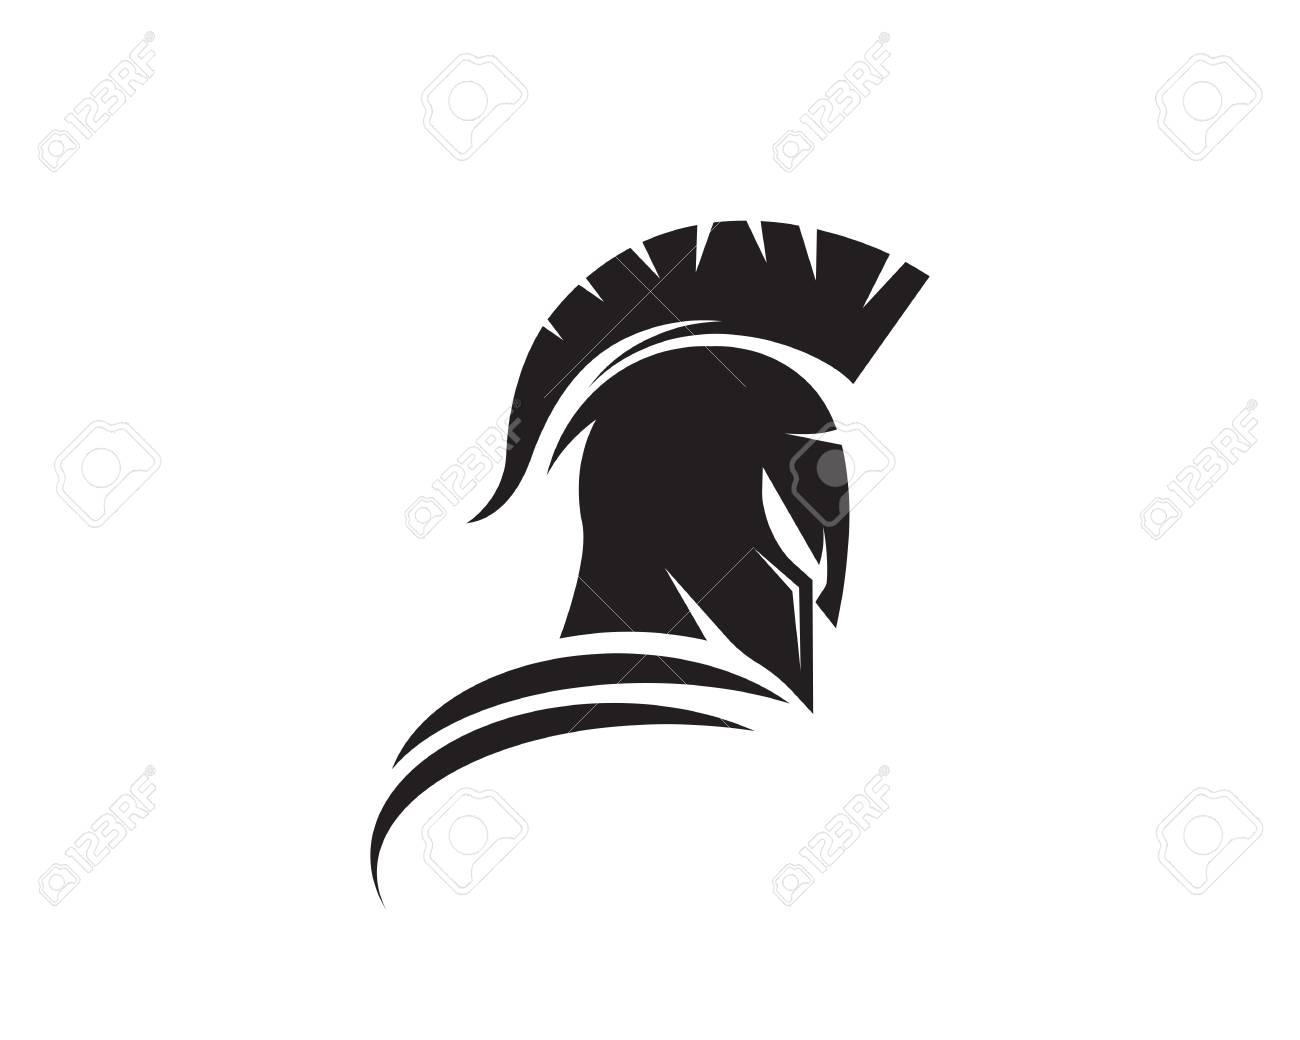 aa3deaba123bc Spartan helmet logo template vector icon design Stock Vector - 89110771